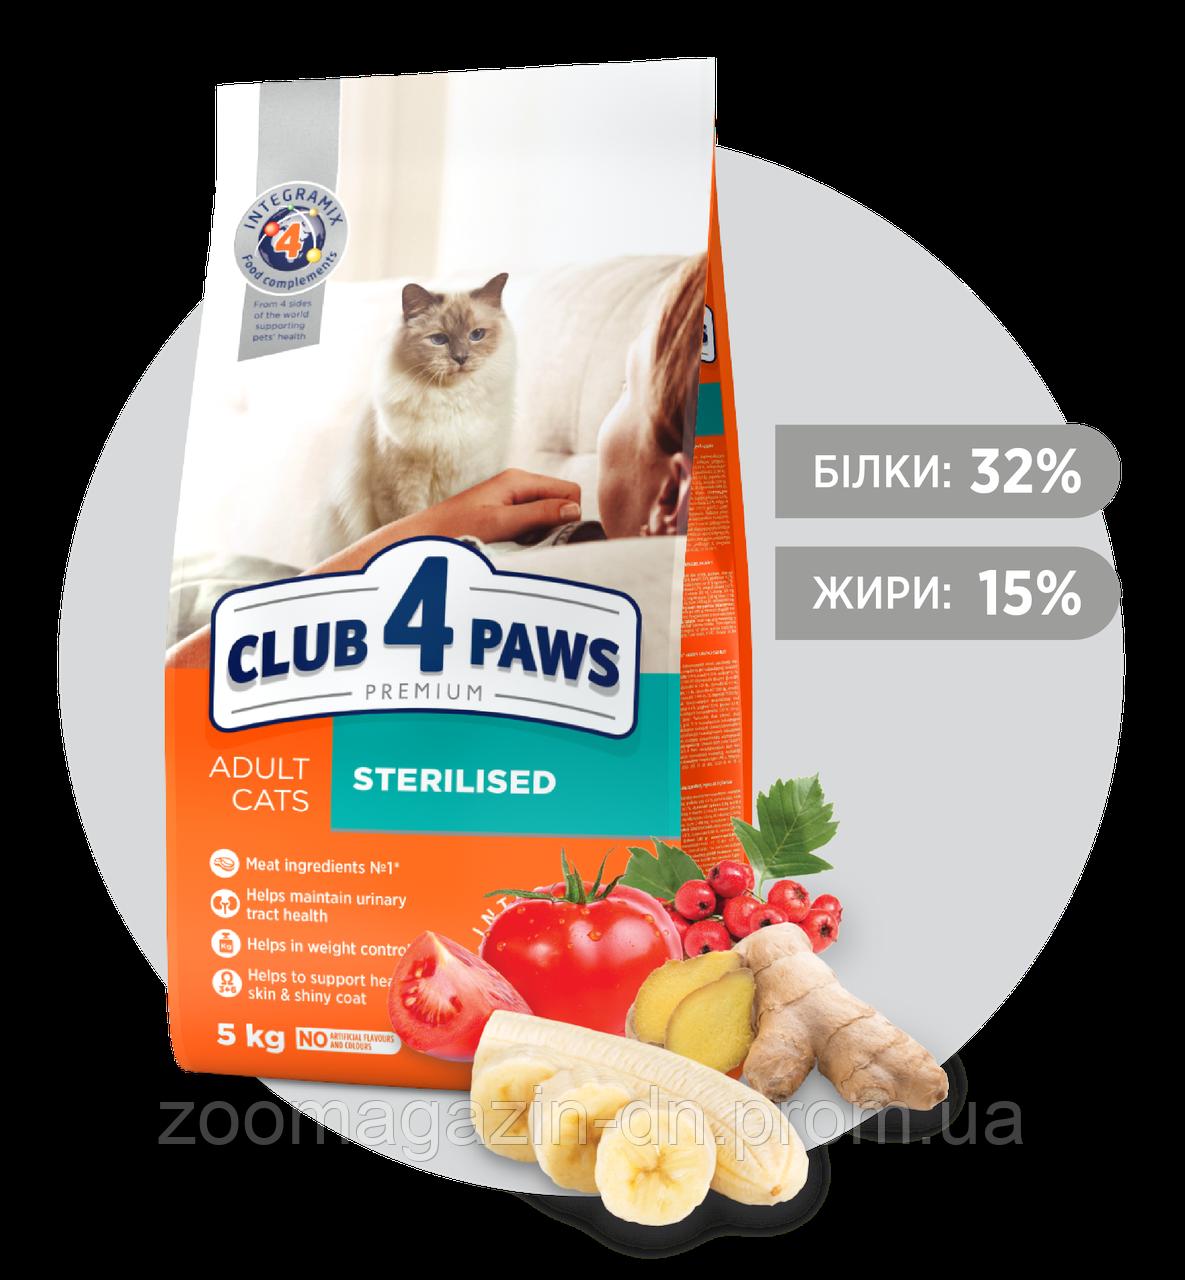 Клуб 4 лапы  полнорационный сухой корм для кастрированных котов и стерилизованных кошек 5 кг